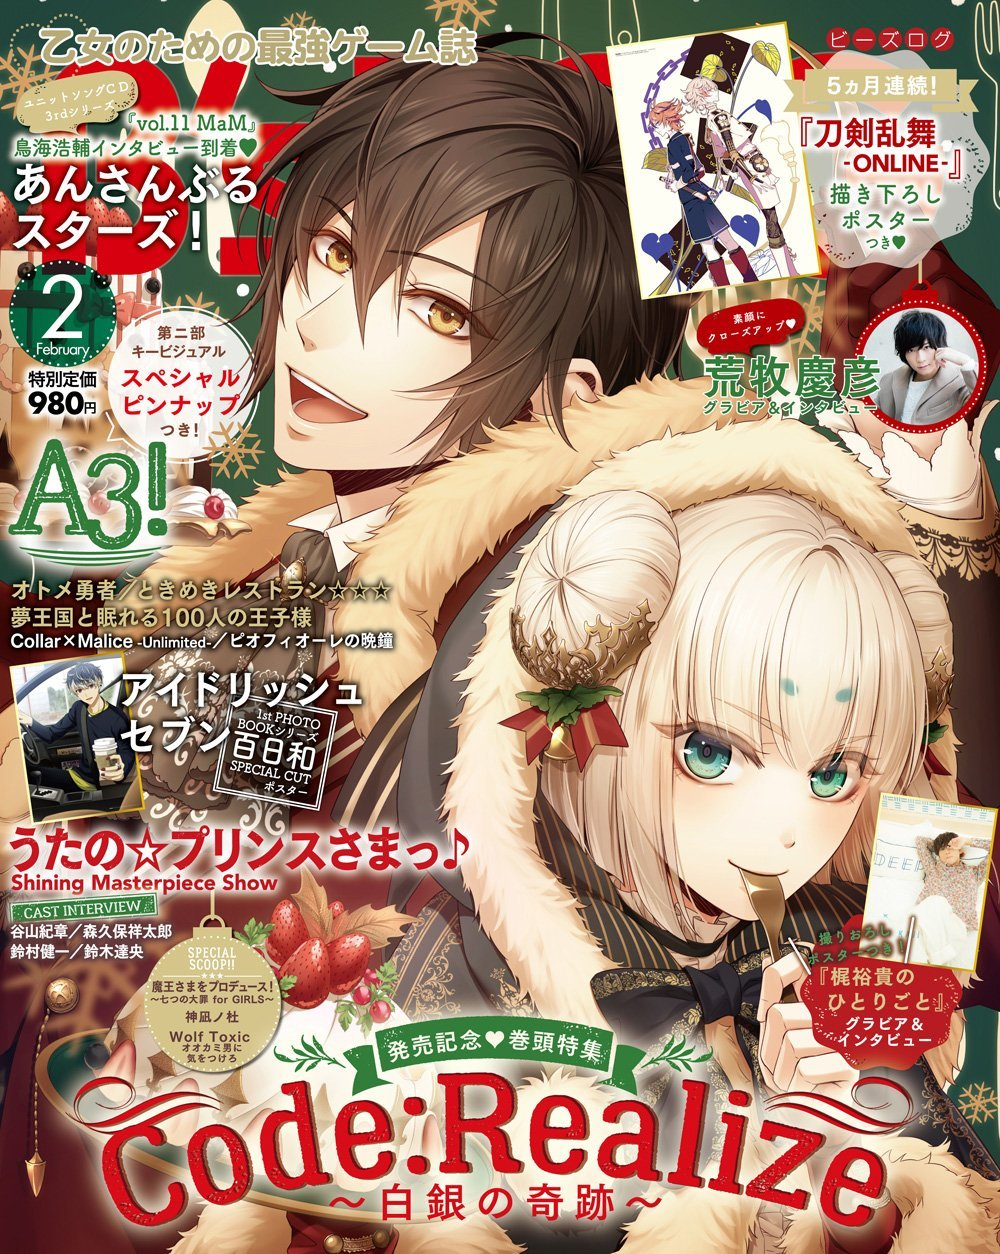 B's-LOG Issue 177 (February 2018)